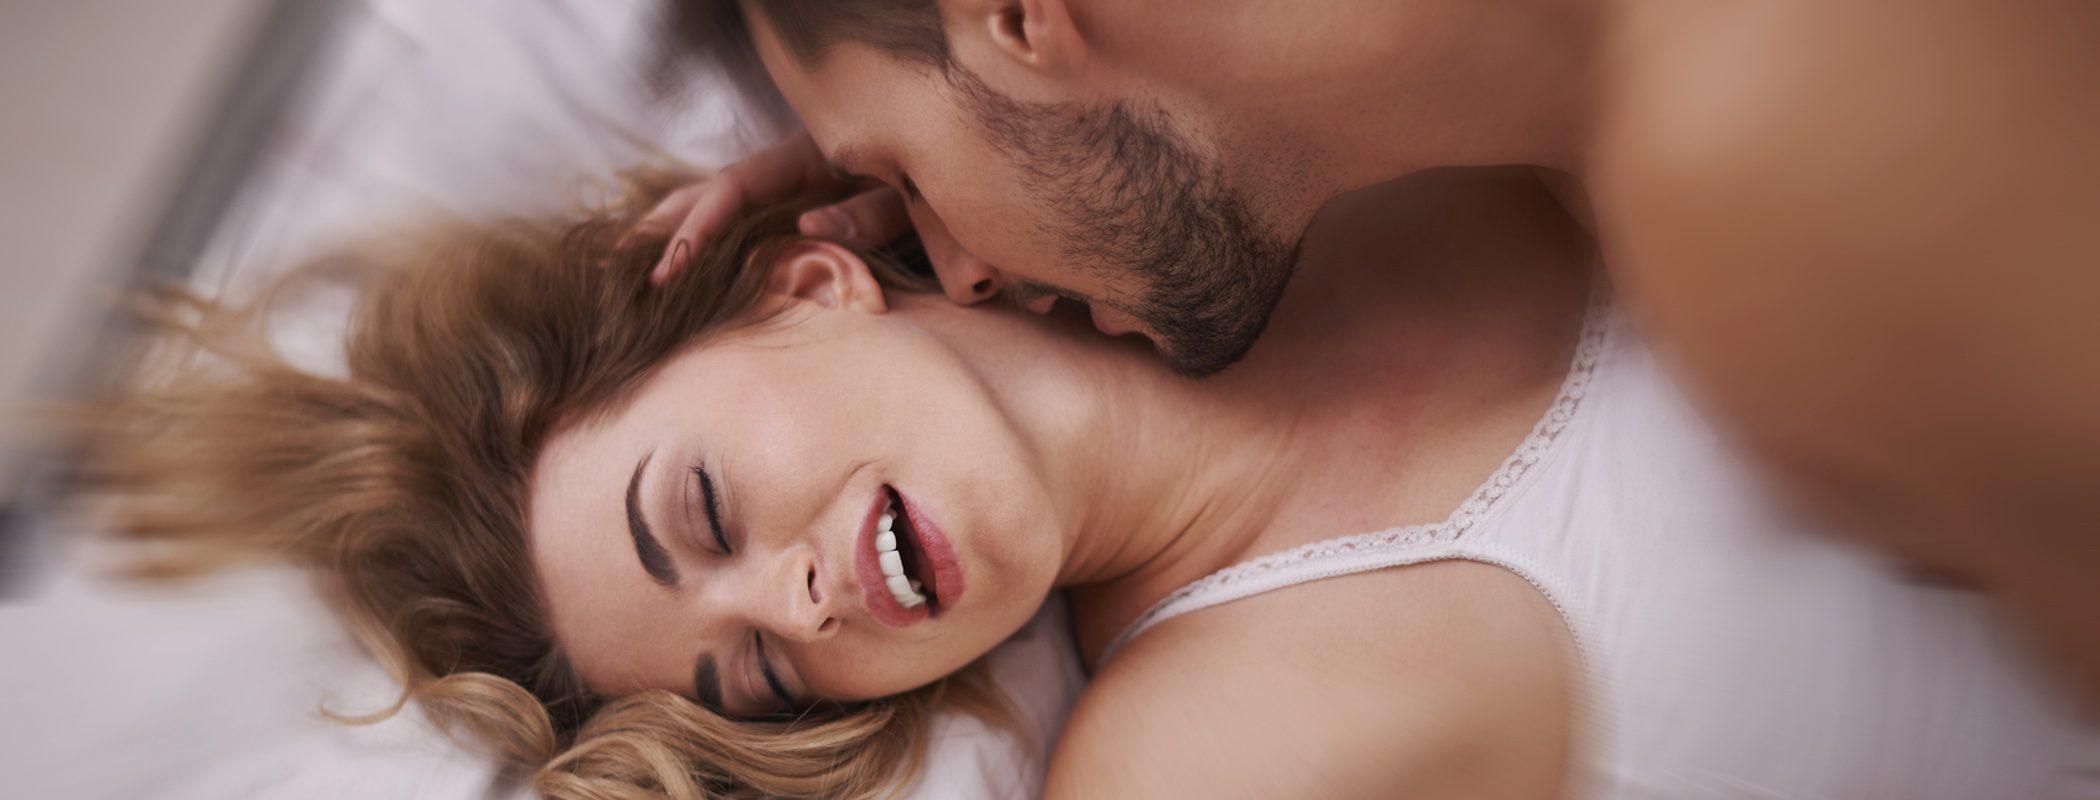 Cómo actuar y qué hacer si te encuentras un micropene al hacer el amor